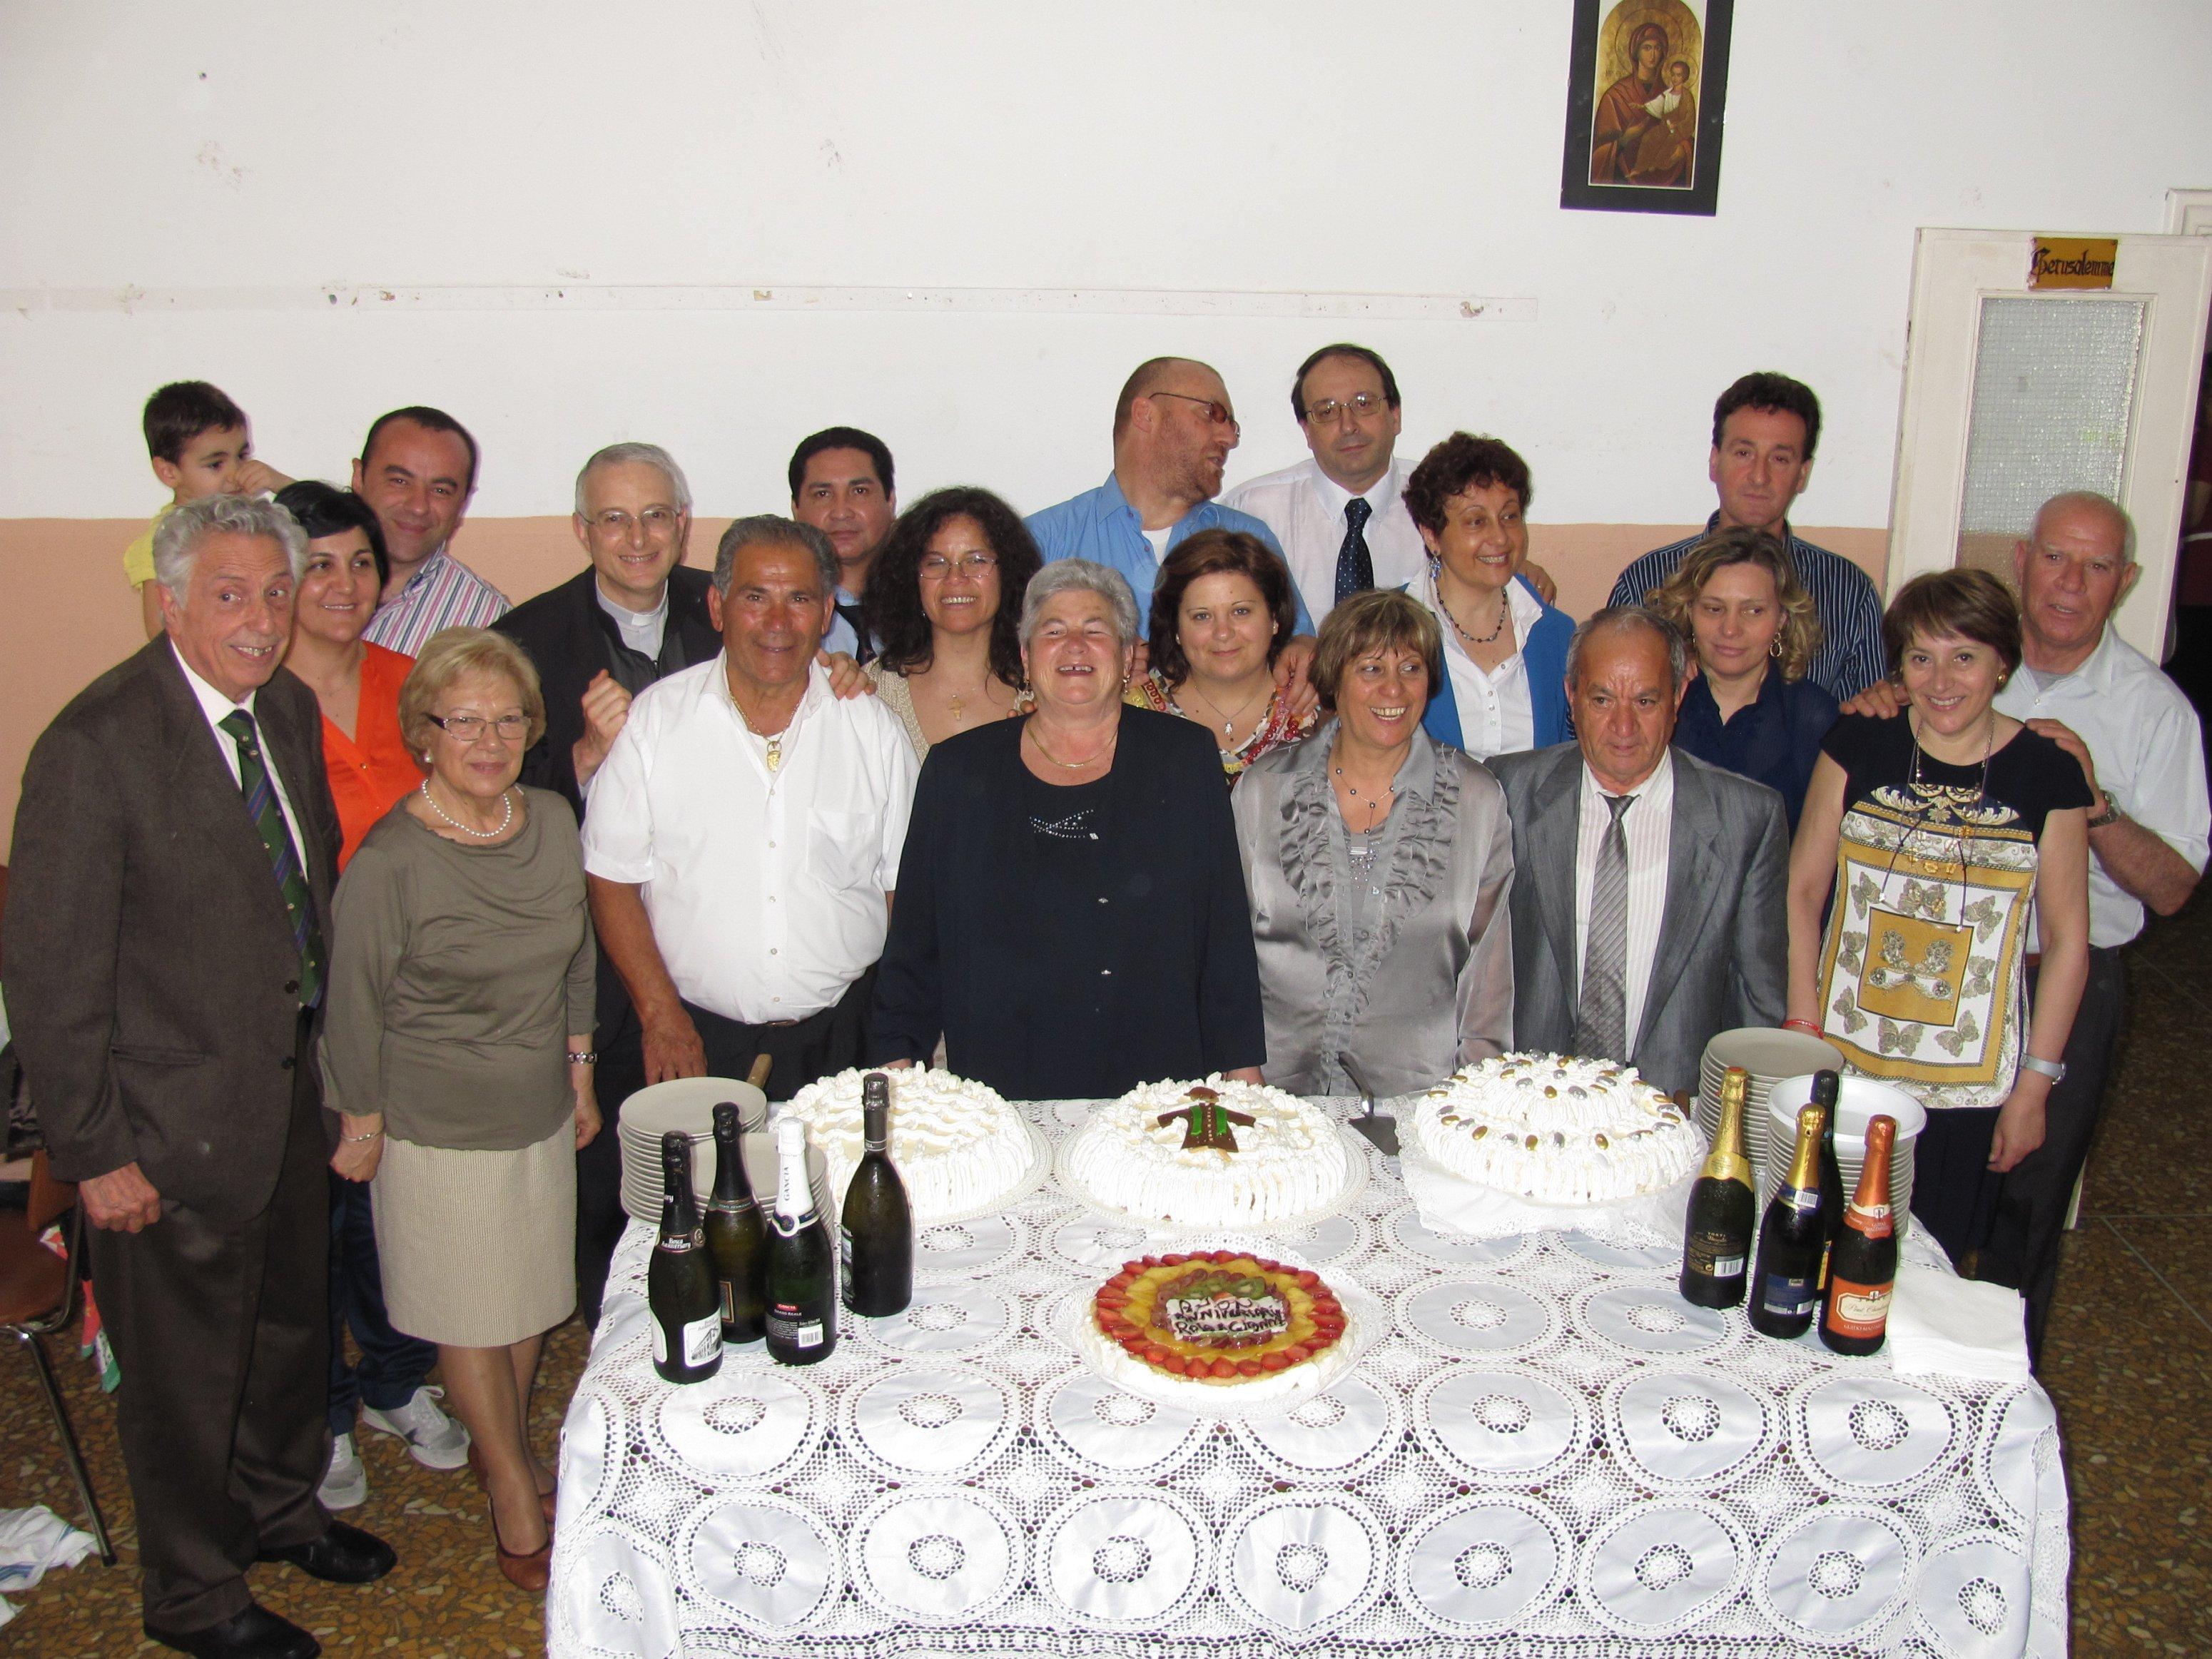 anniversari_di_matrimonio_e_di_ordinazione_2012-06-03-13-51-51